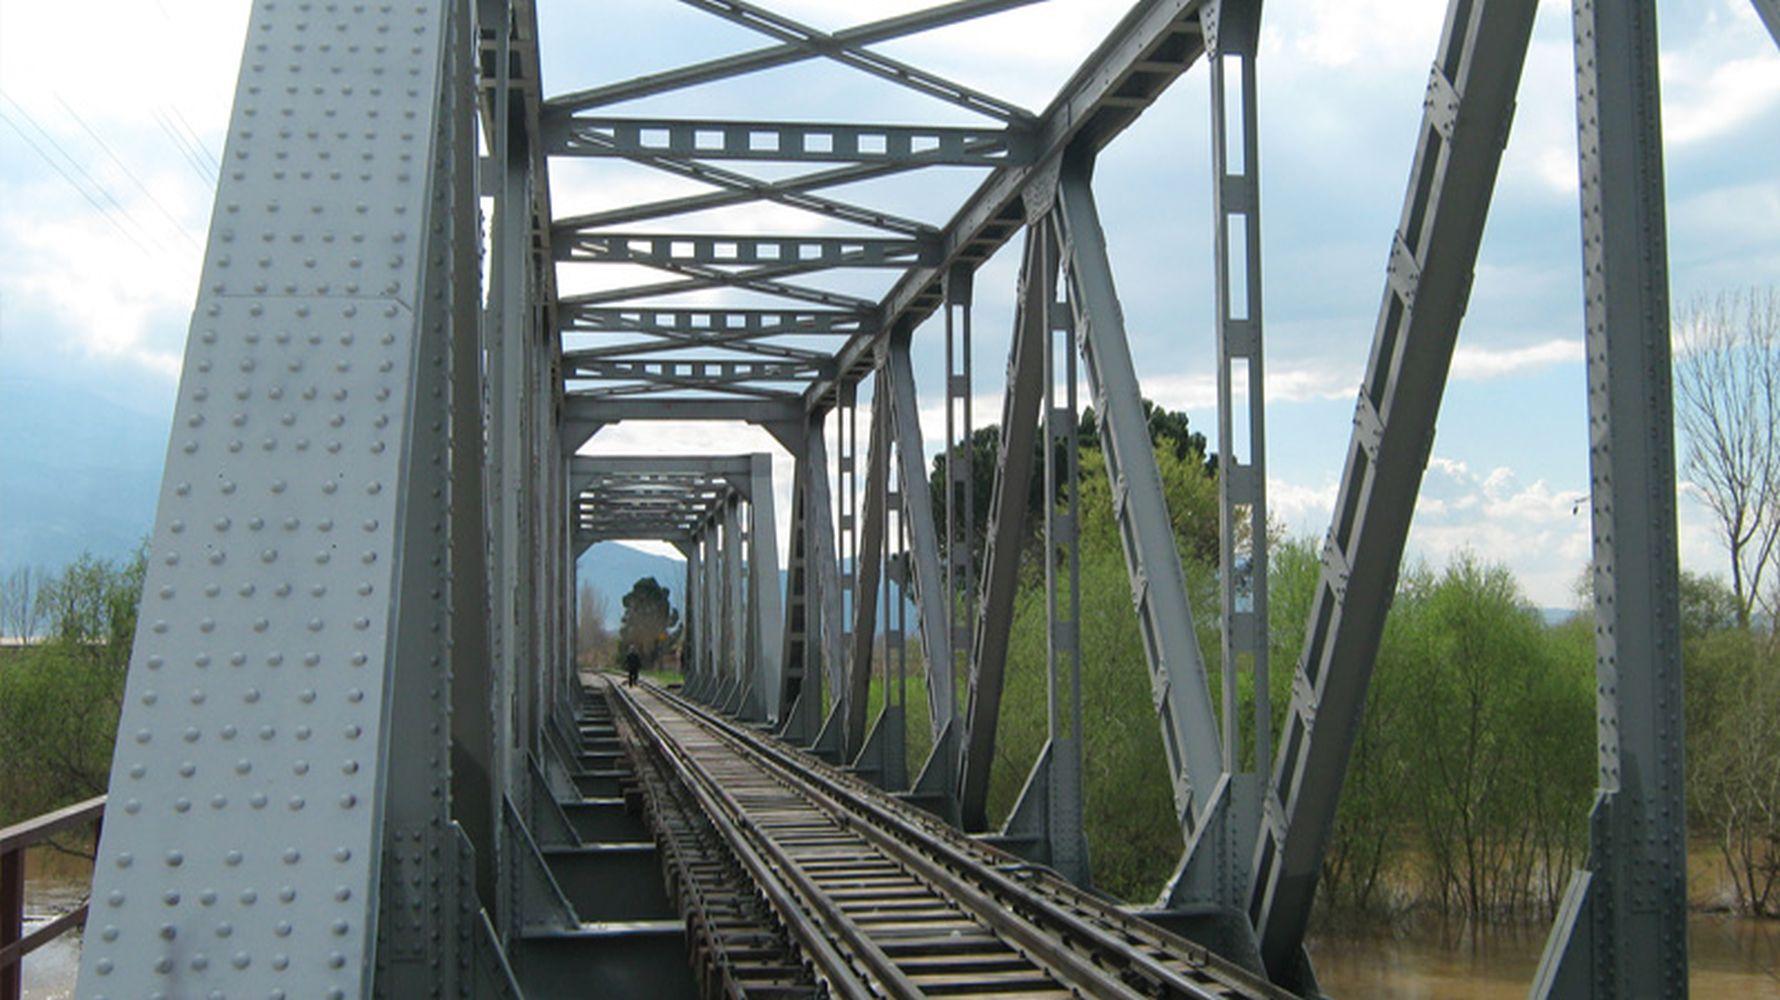 jernbanearbejder